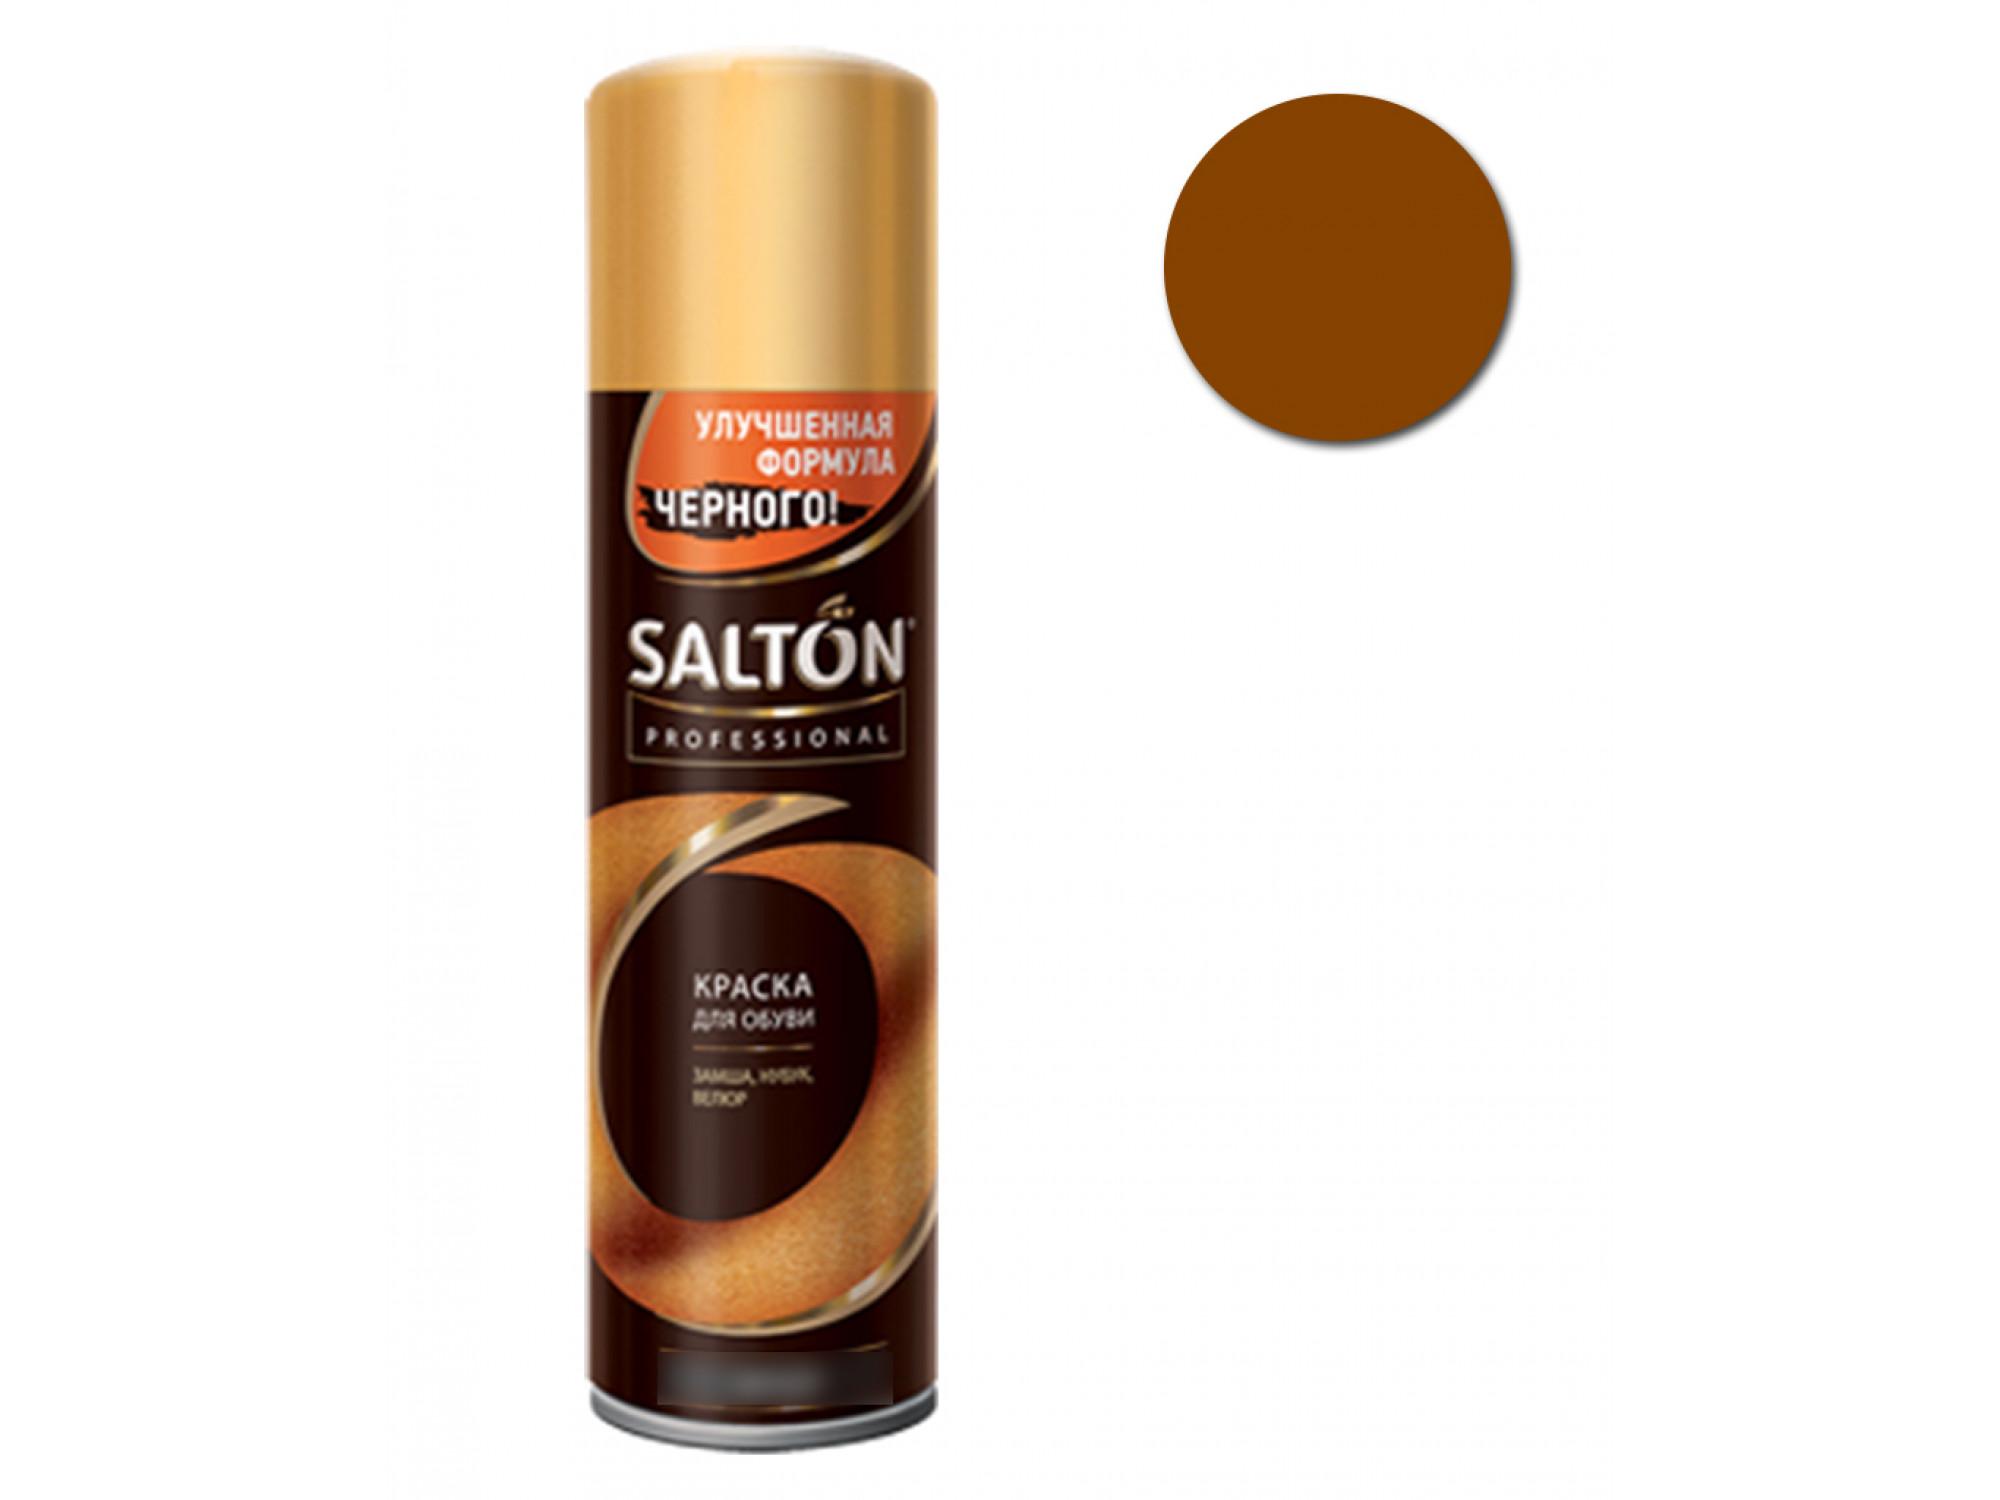 Краска для обуви замши/нубука Коричневая Salton Professional